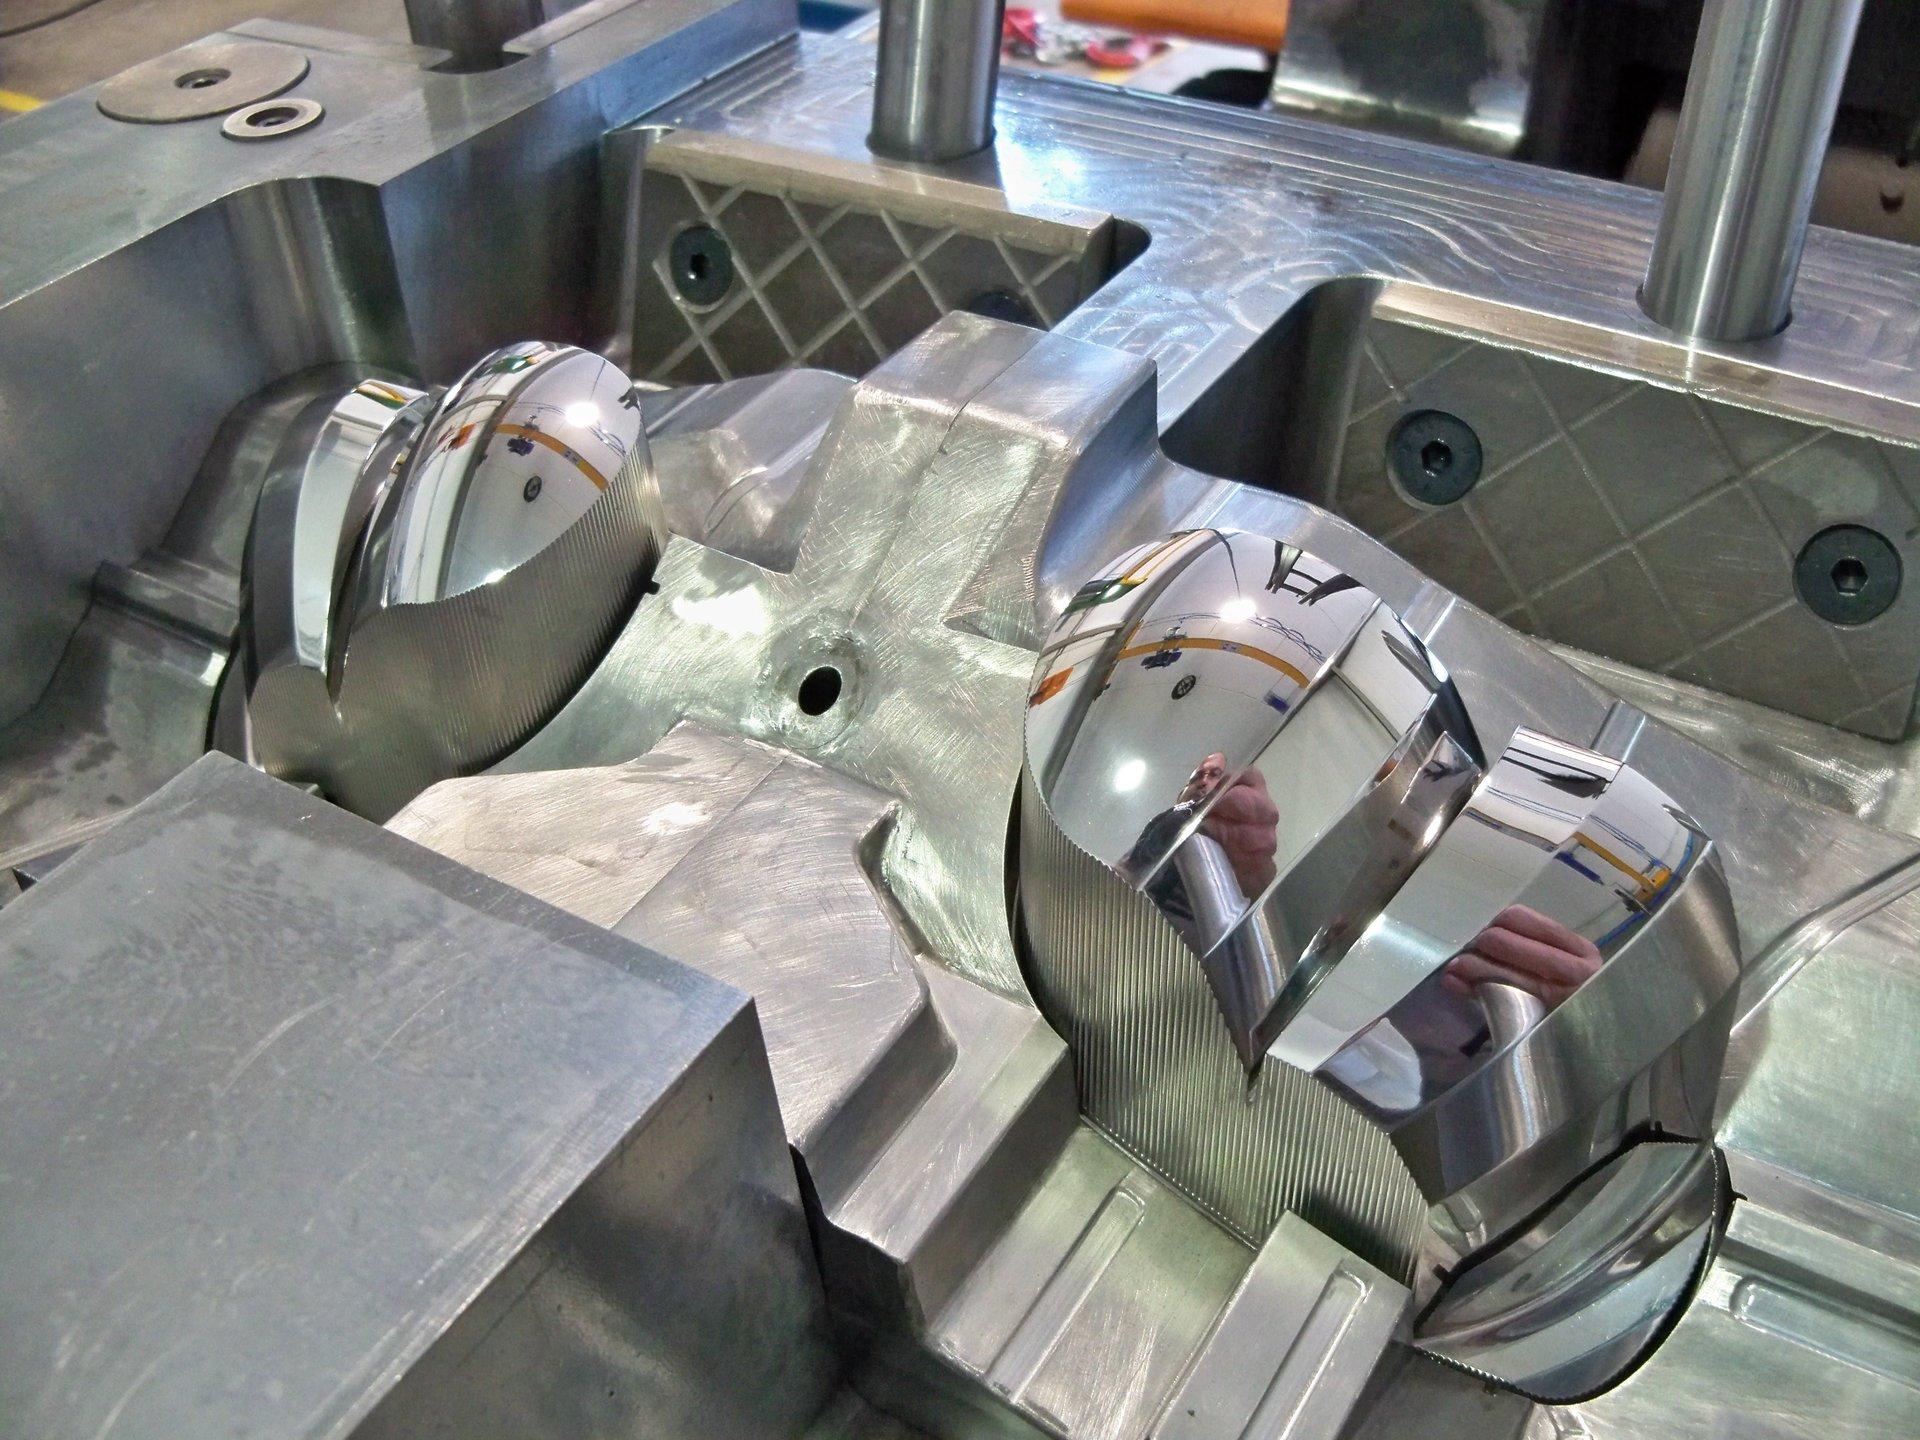 componenti automotive in metallo